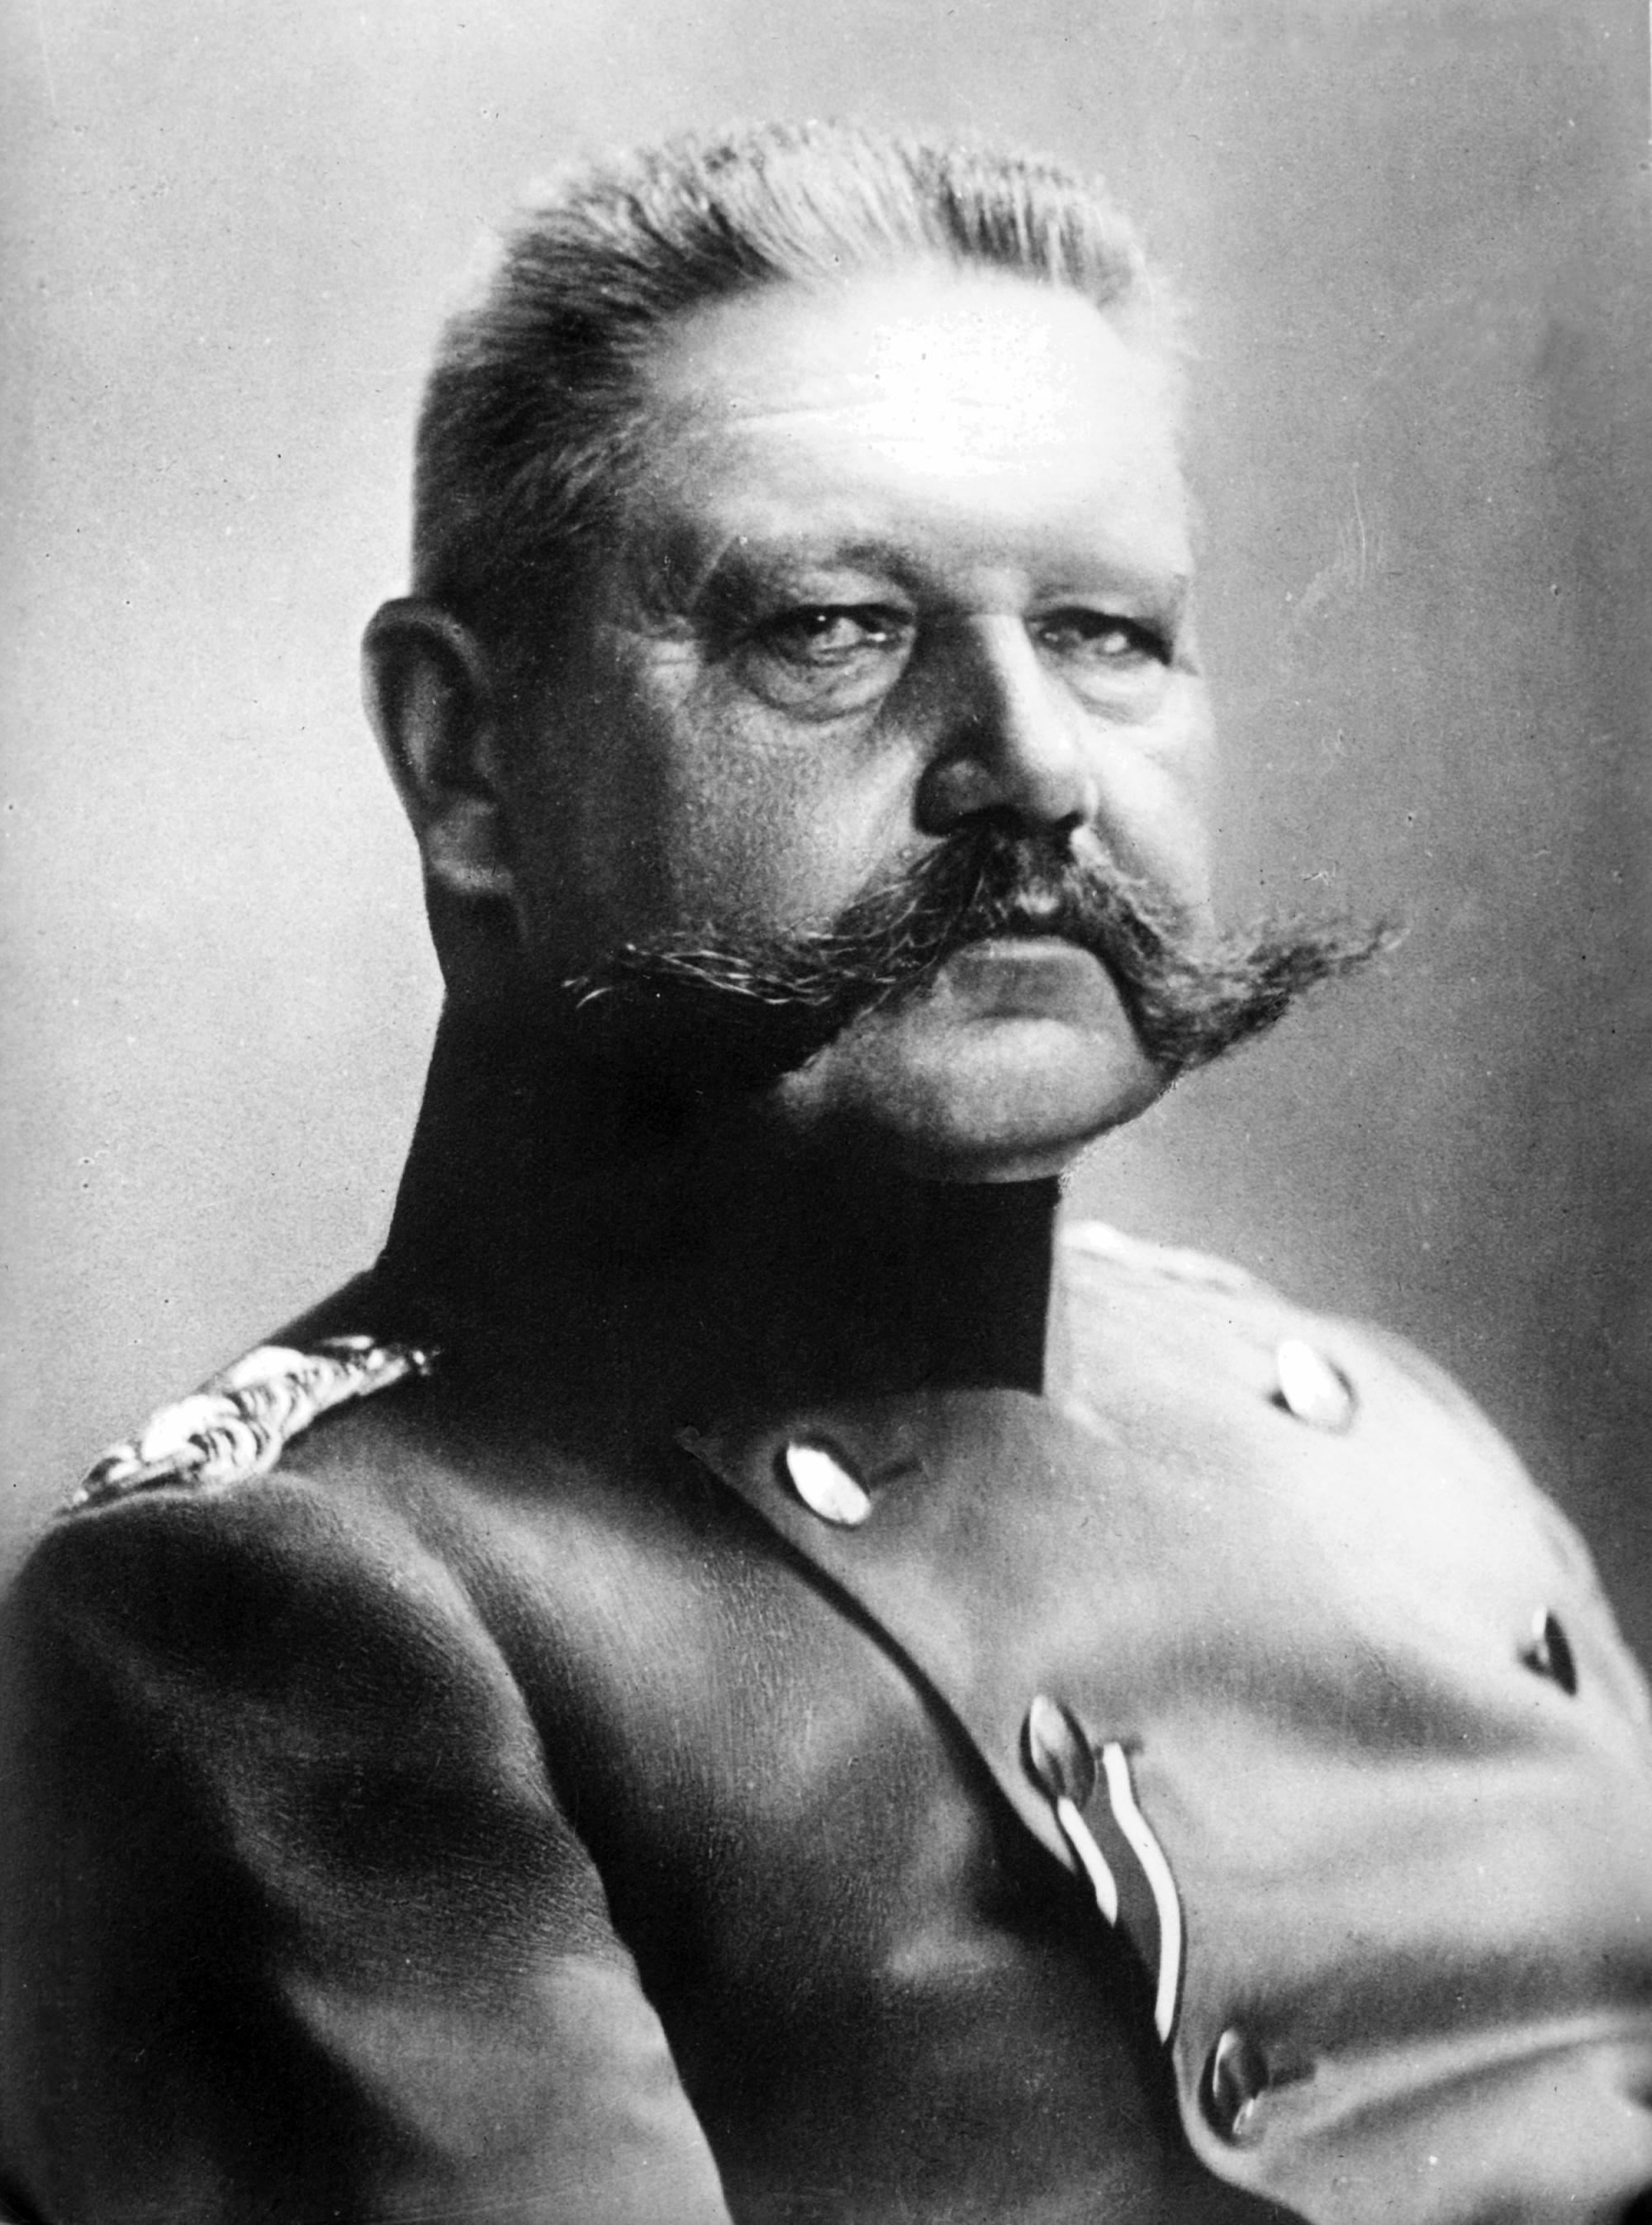 File:Von Hindenburg.jpg - Wikimedia Commons